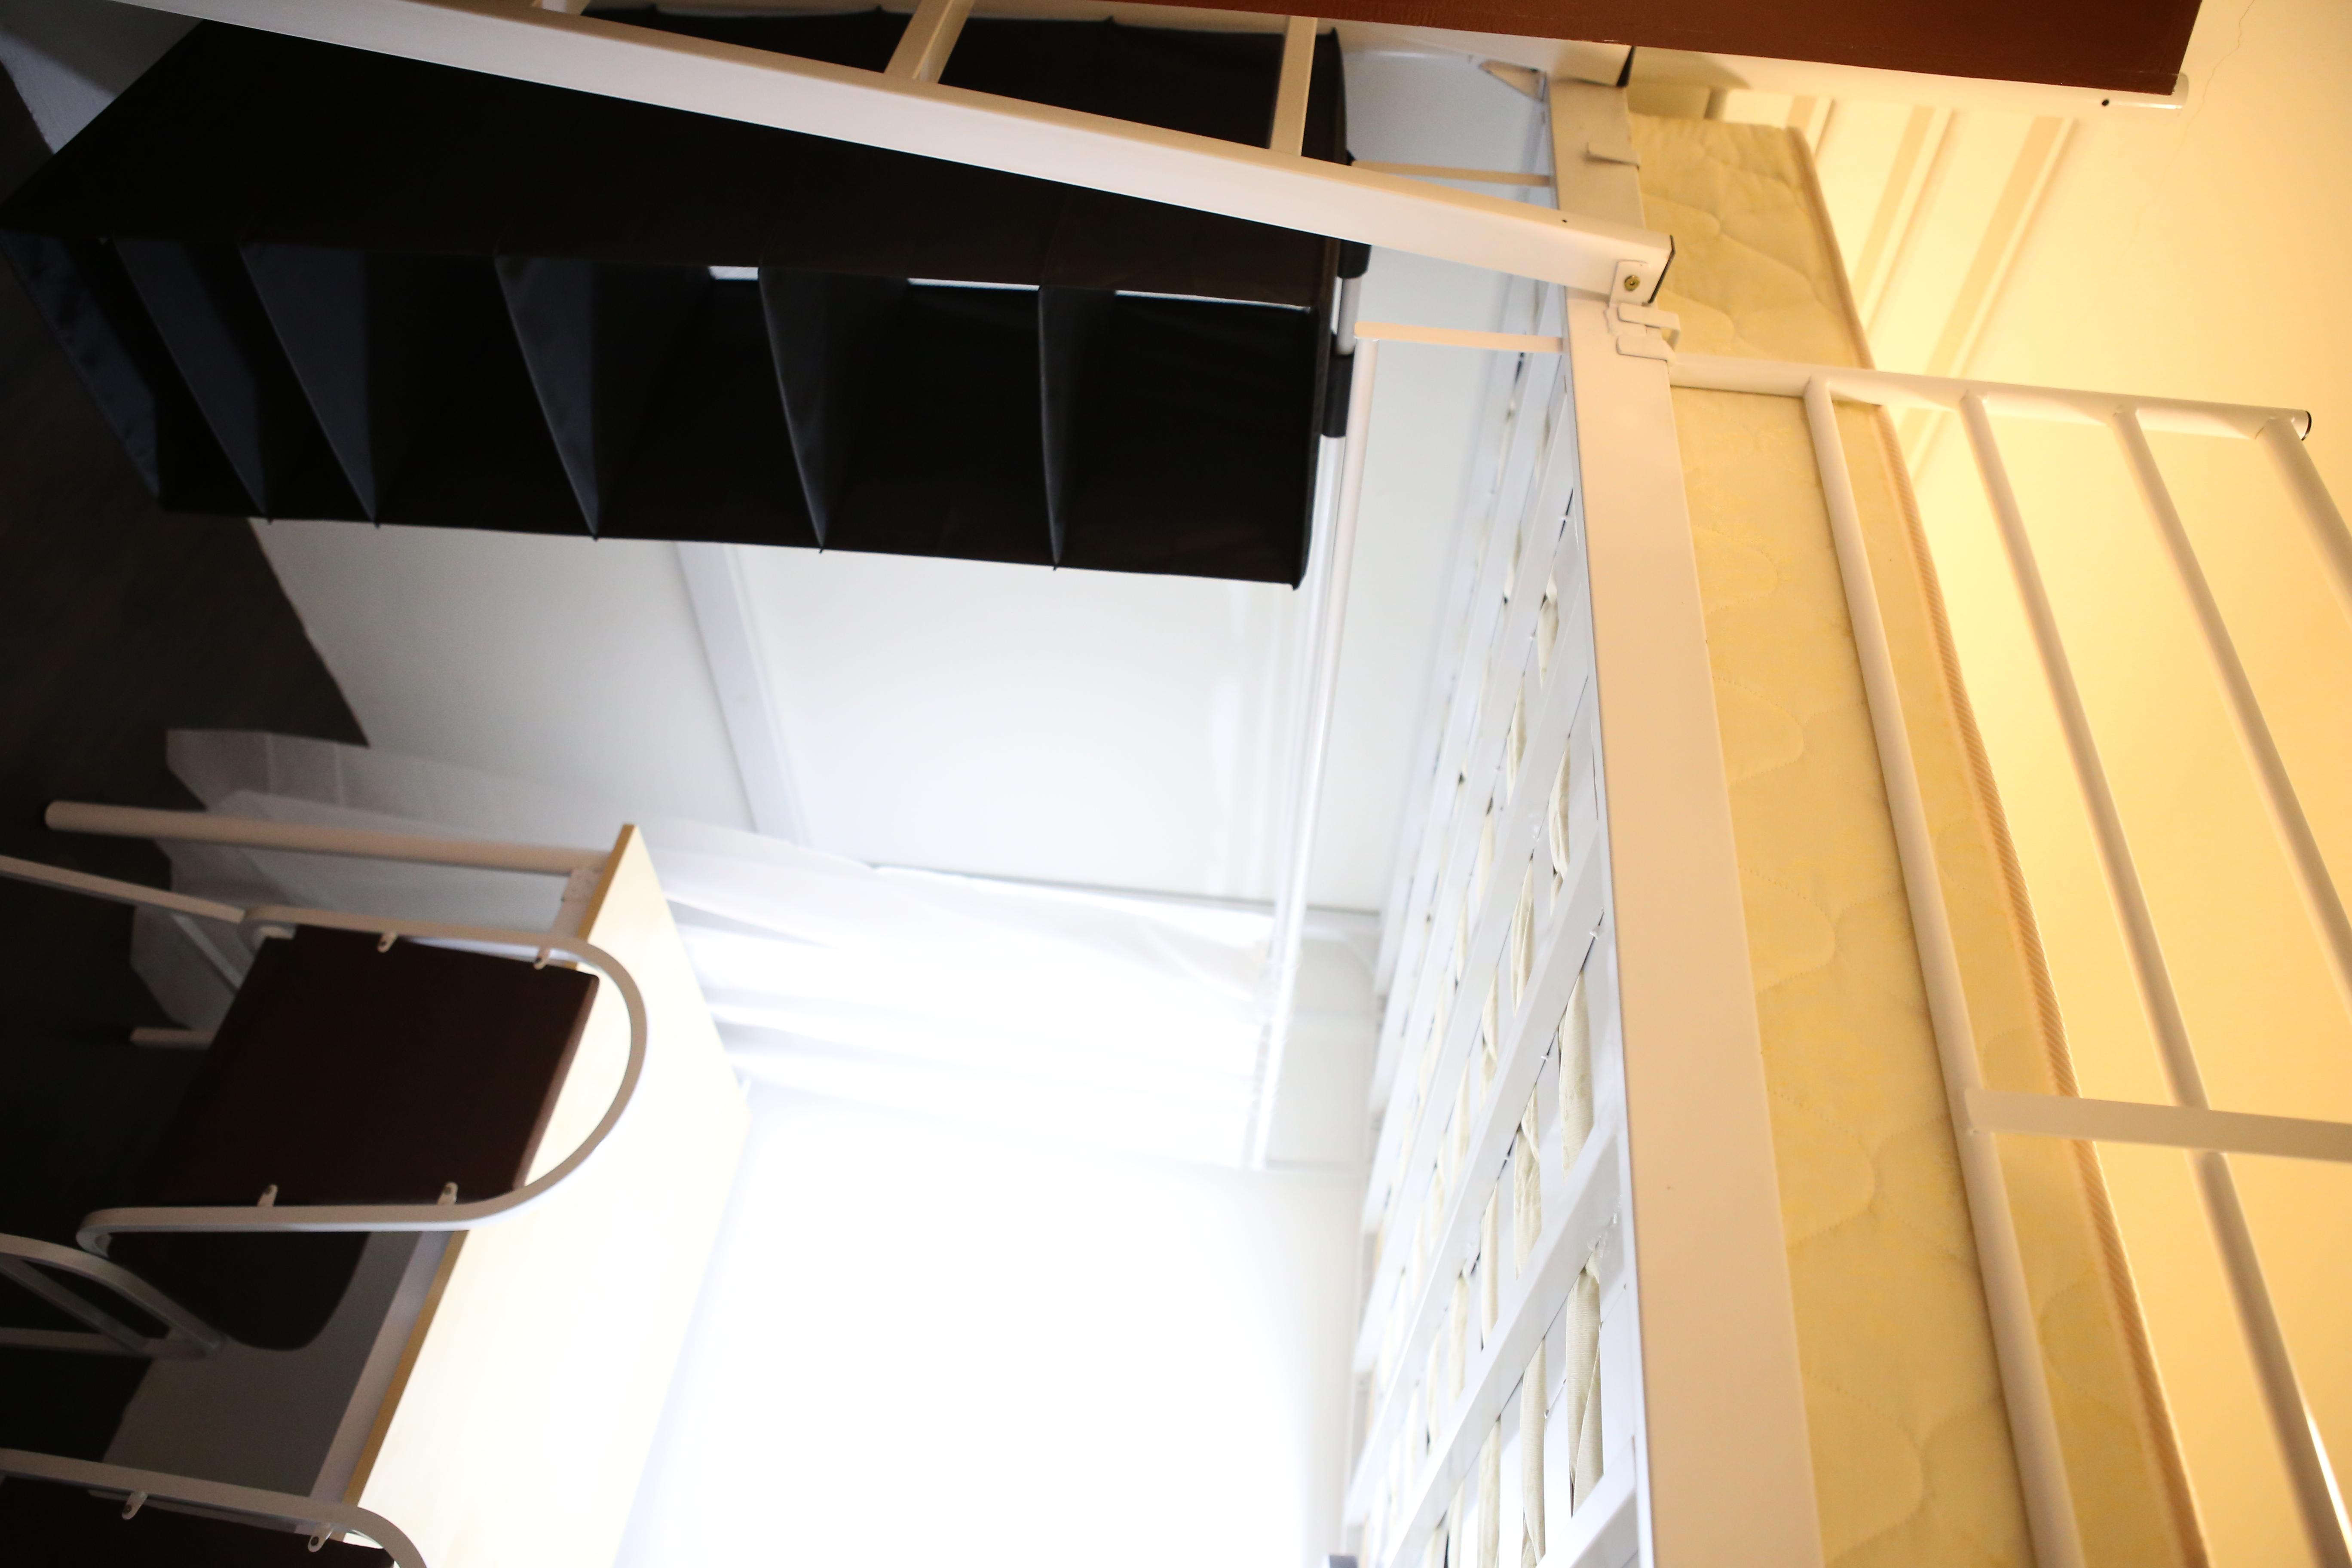 TheKatil Room